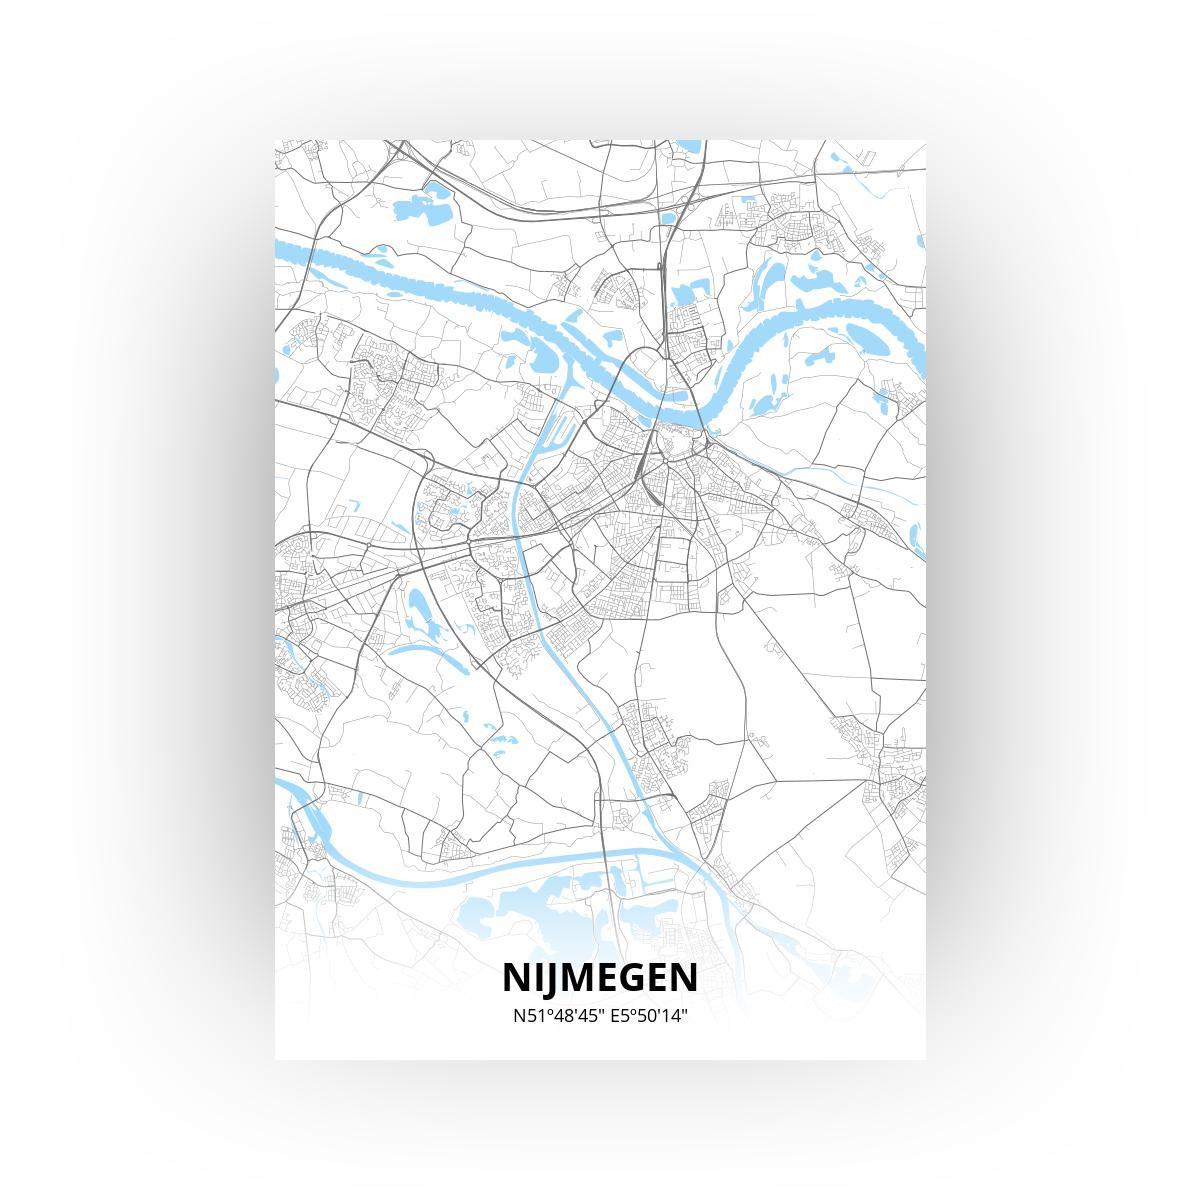 Nijmegen poster - Zelf aan te passen!